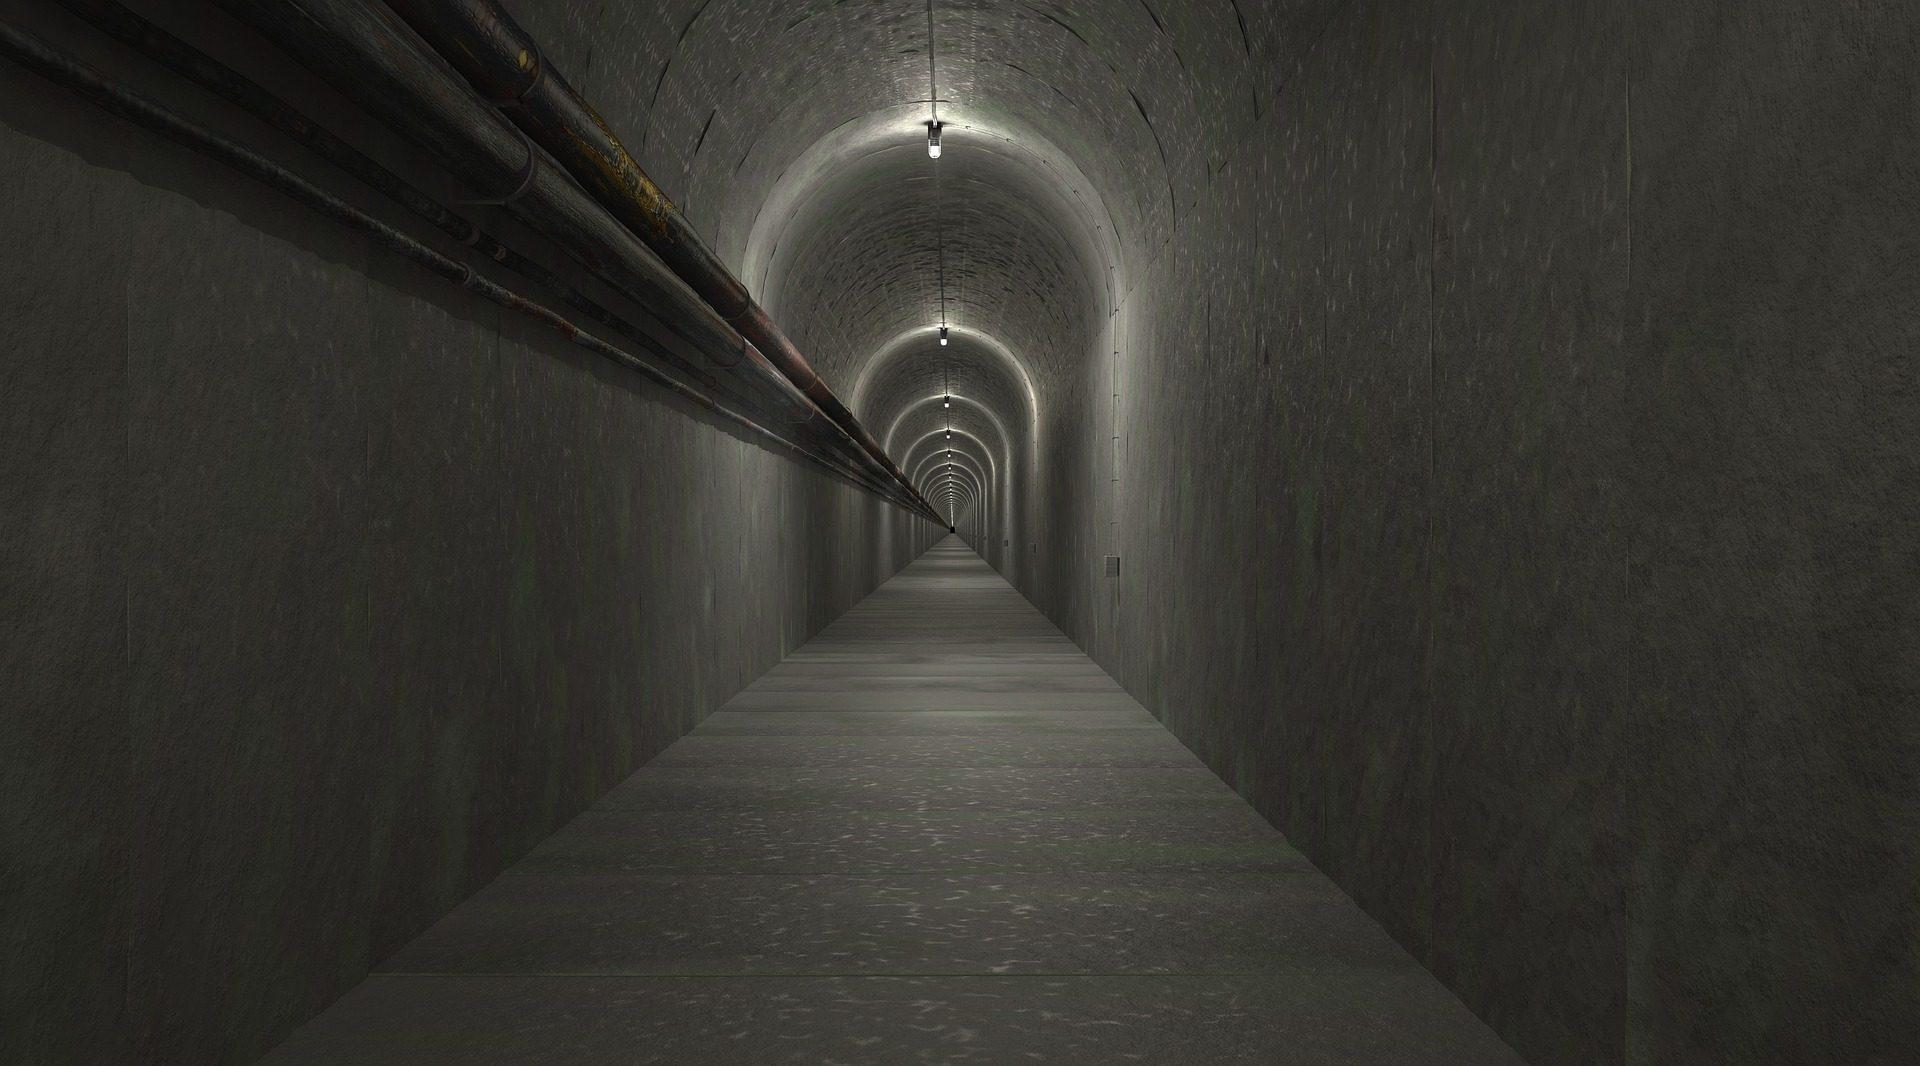 туннель, проход, соло, Темный, бункер - Обои HD - Профессор falken.com